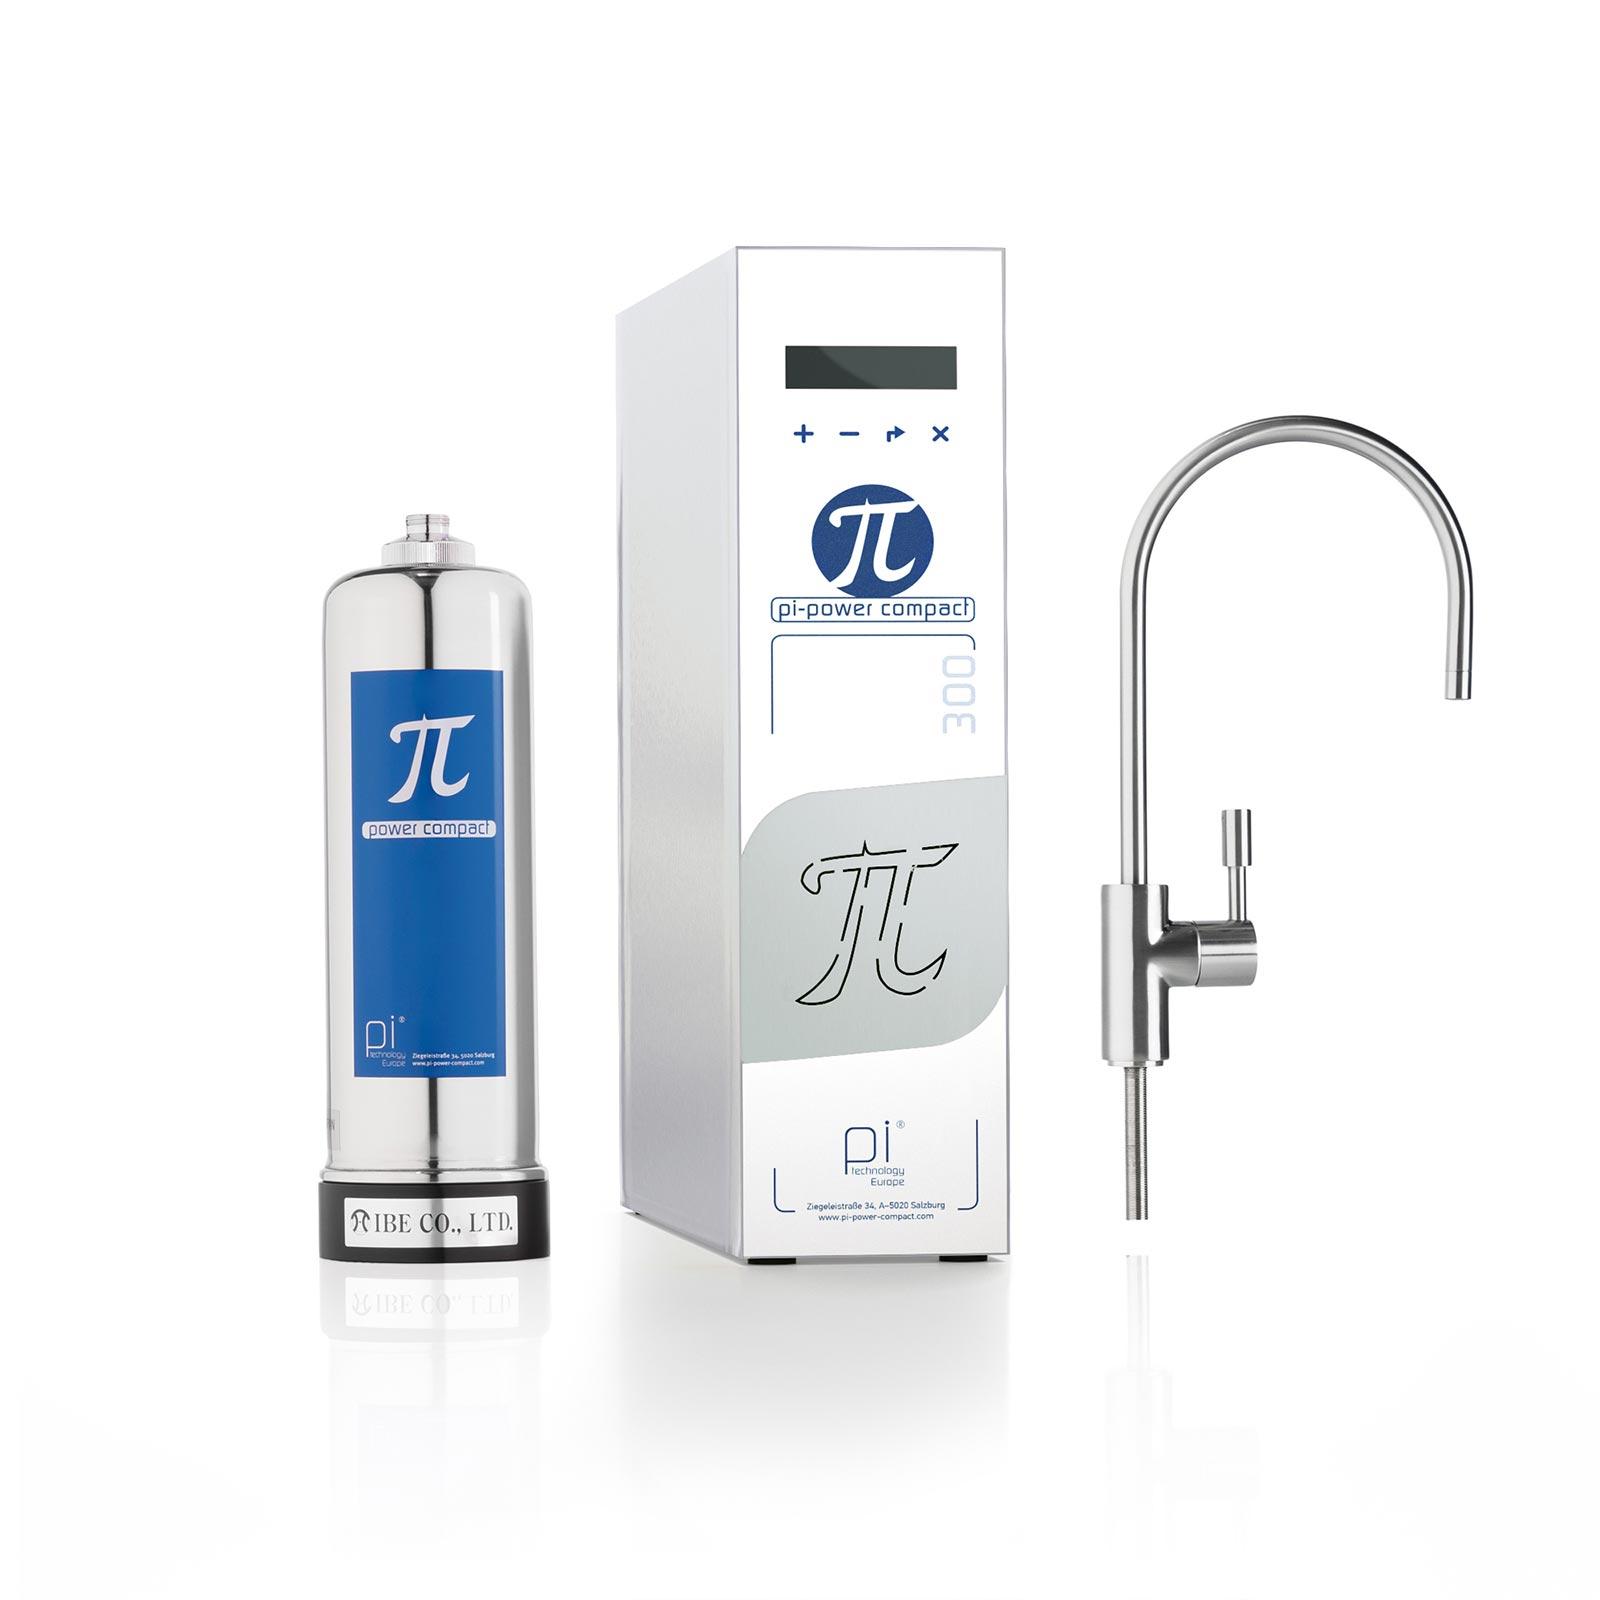 PI®-Power-Compact Standard 300 GPD Wasser-Aufbereitungsanlage max 1,8L/min